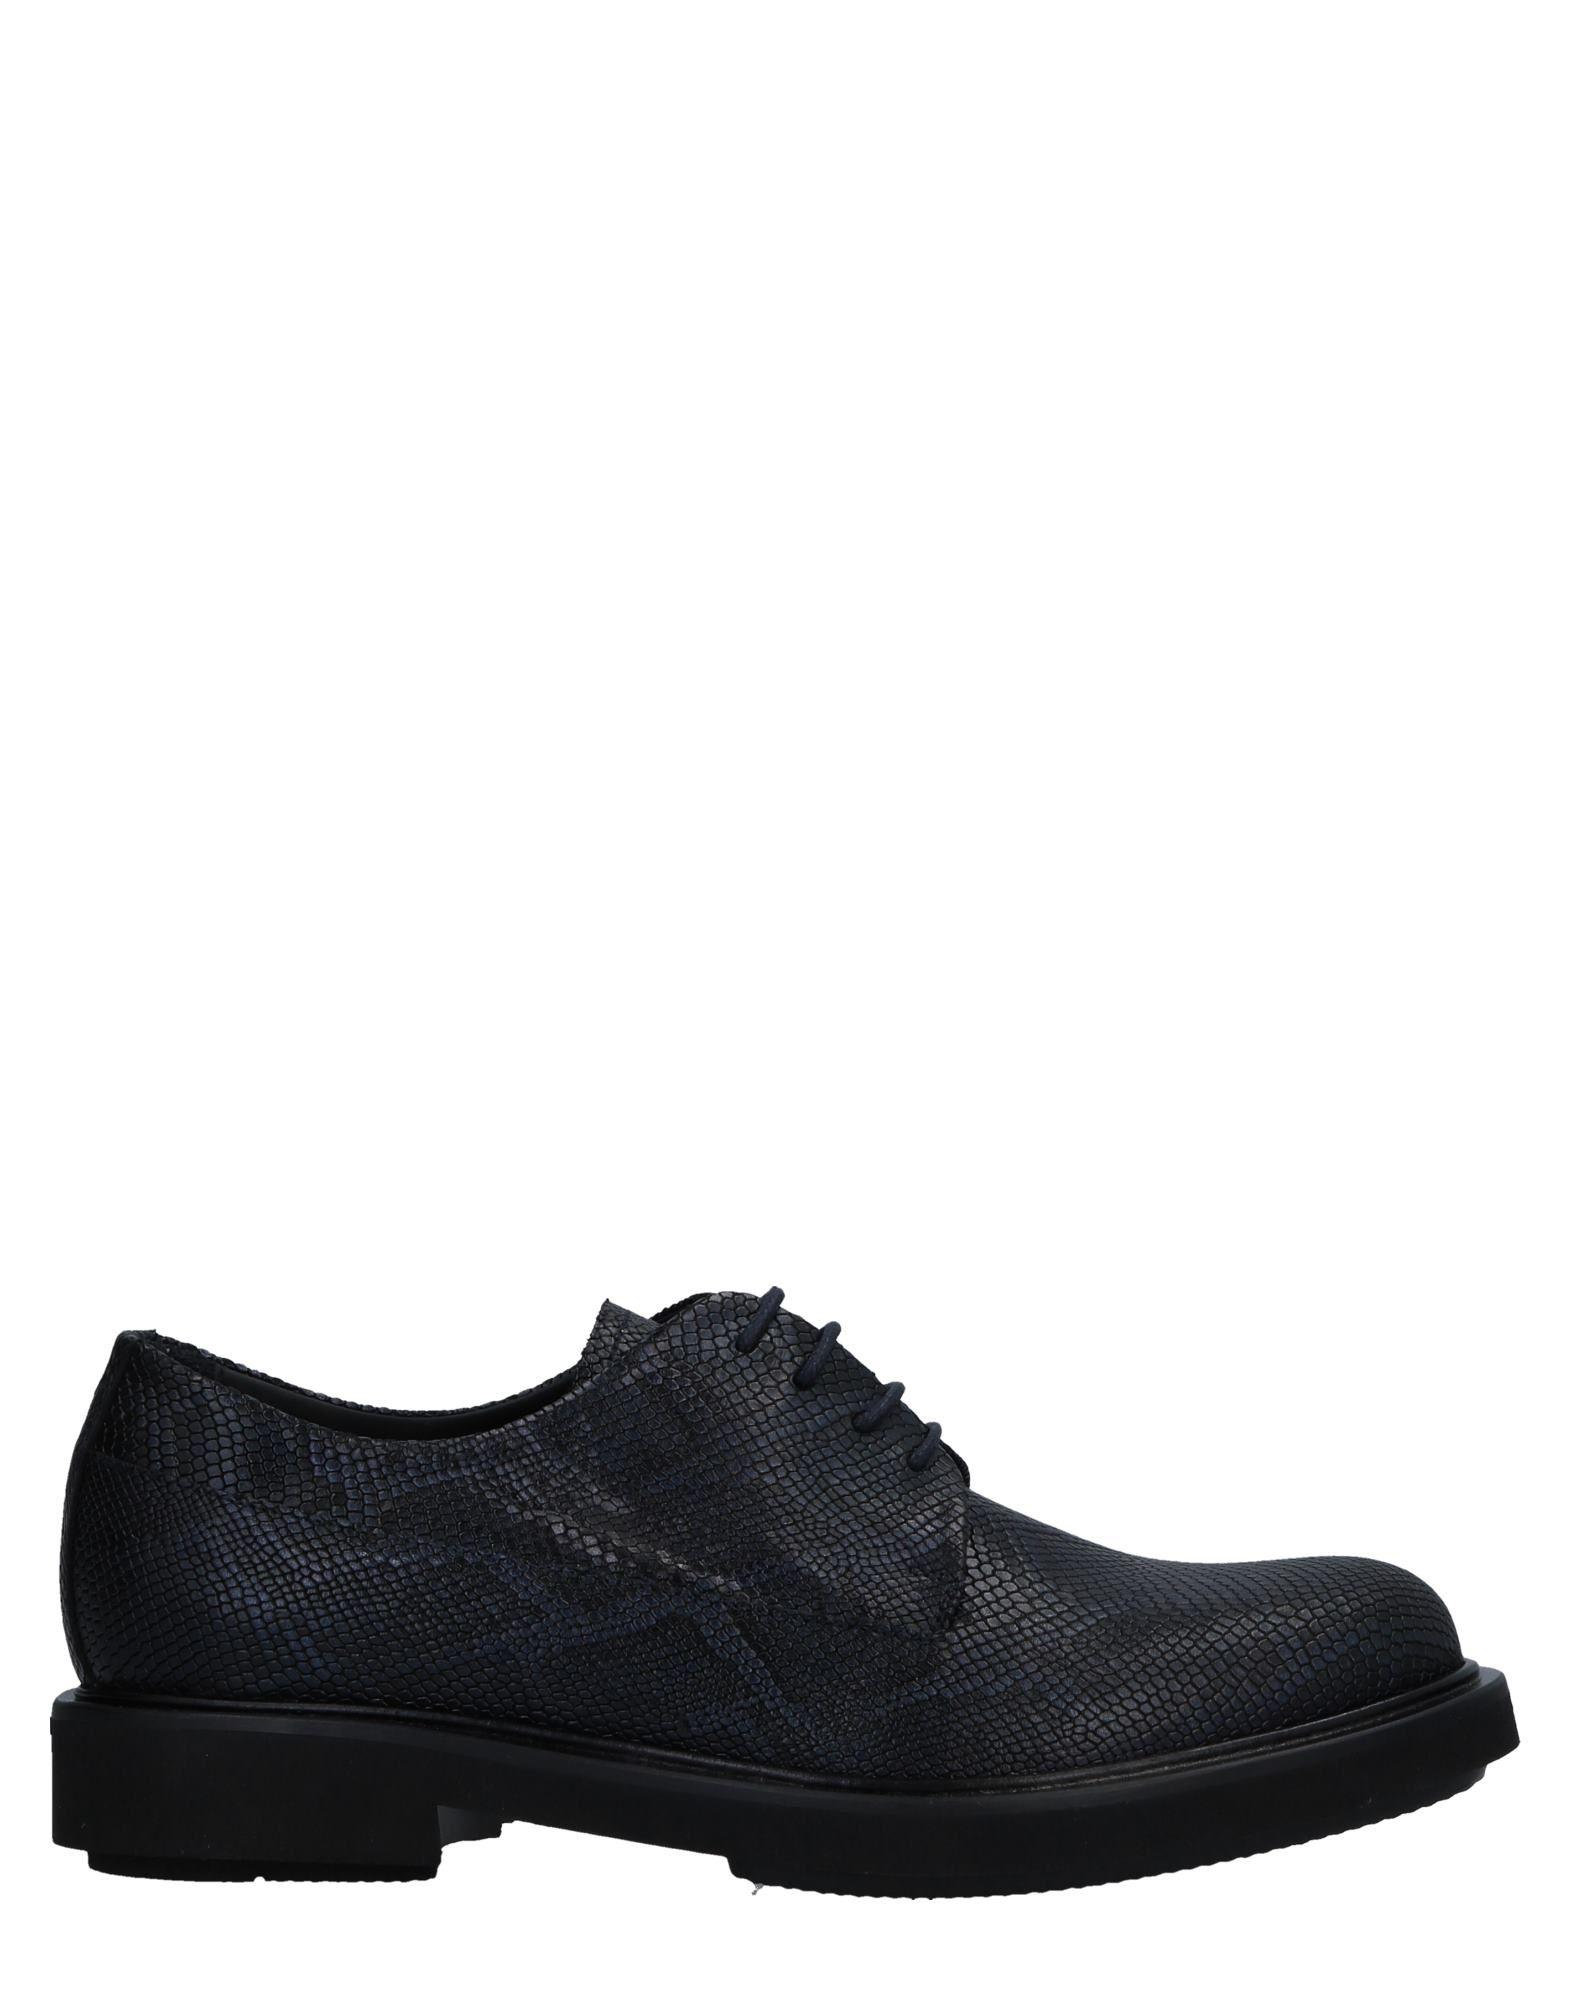 Emporio Armani Schnürschuhe Herren  11517528MJ Gute Qualität beliebte Schuhe